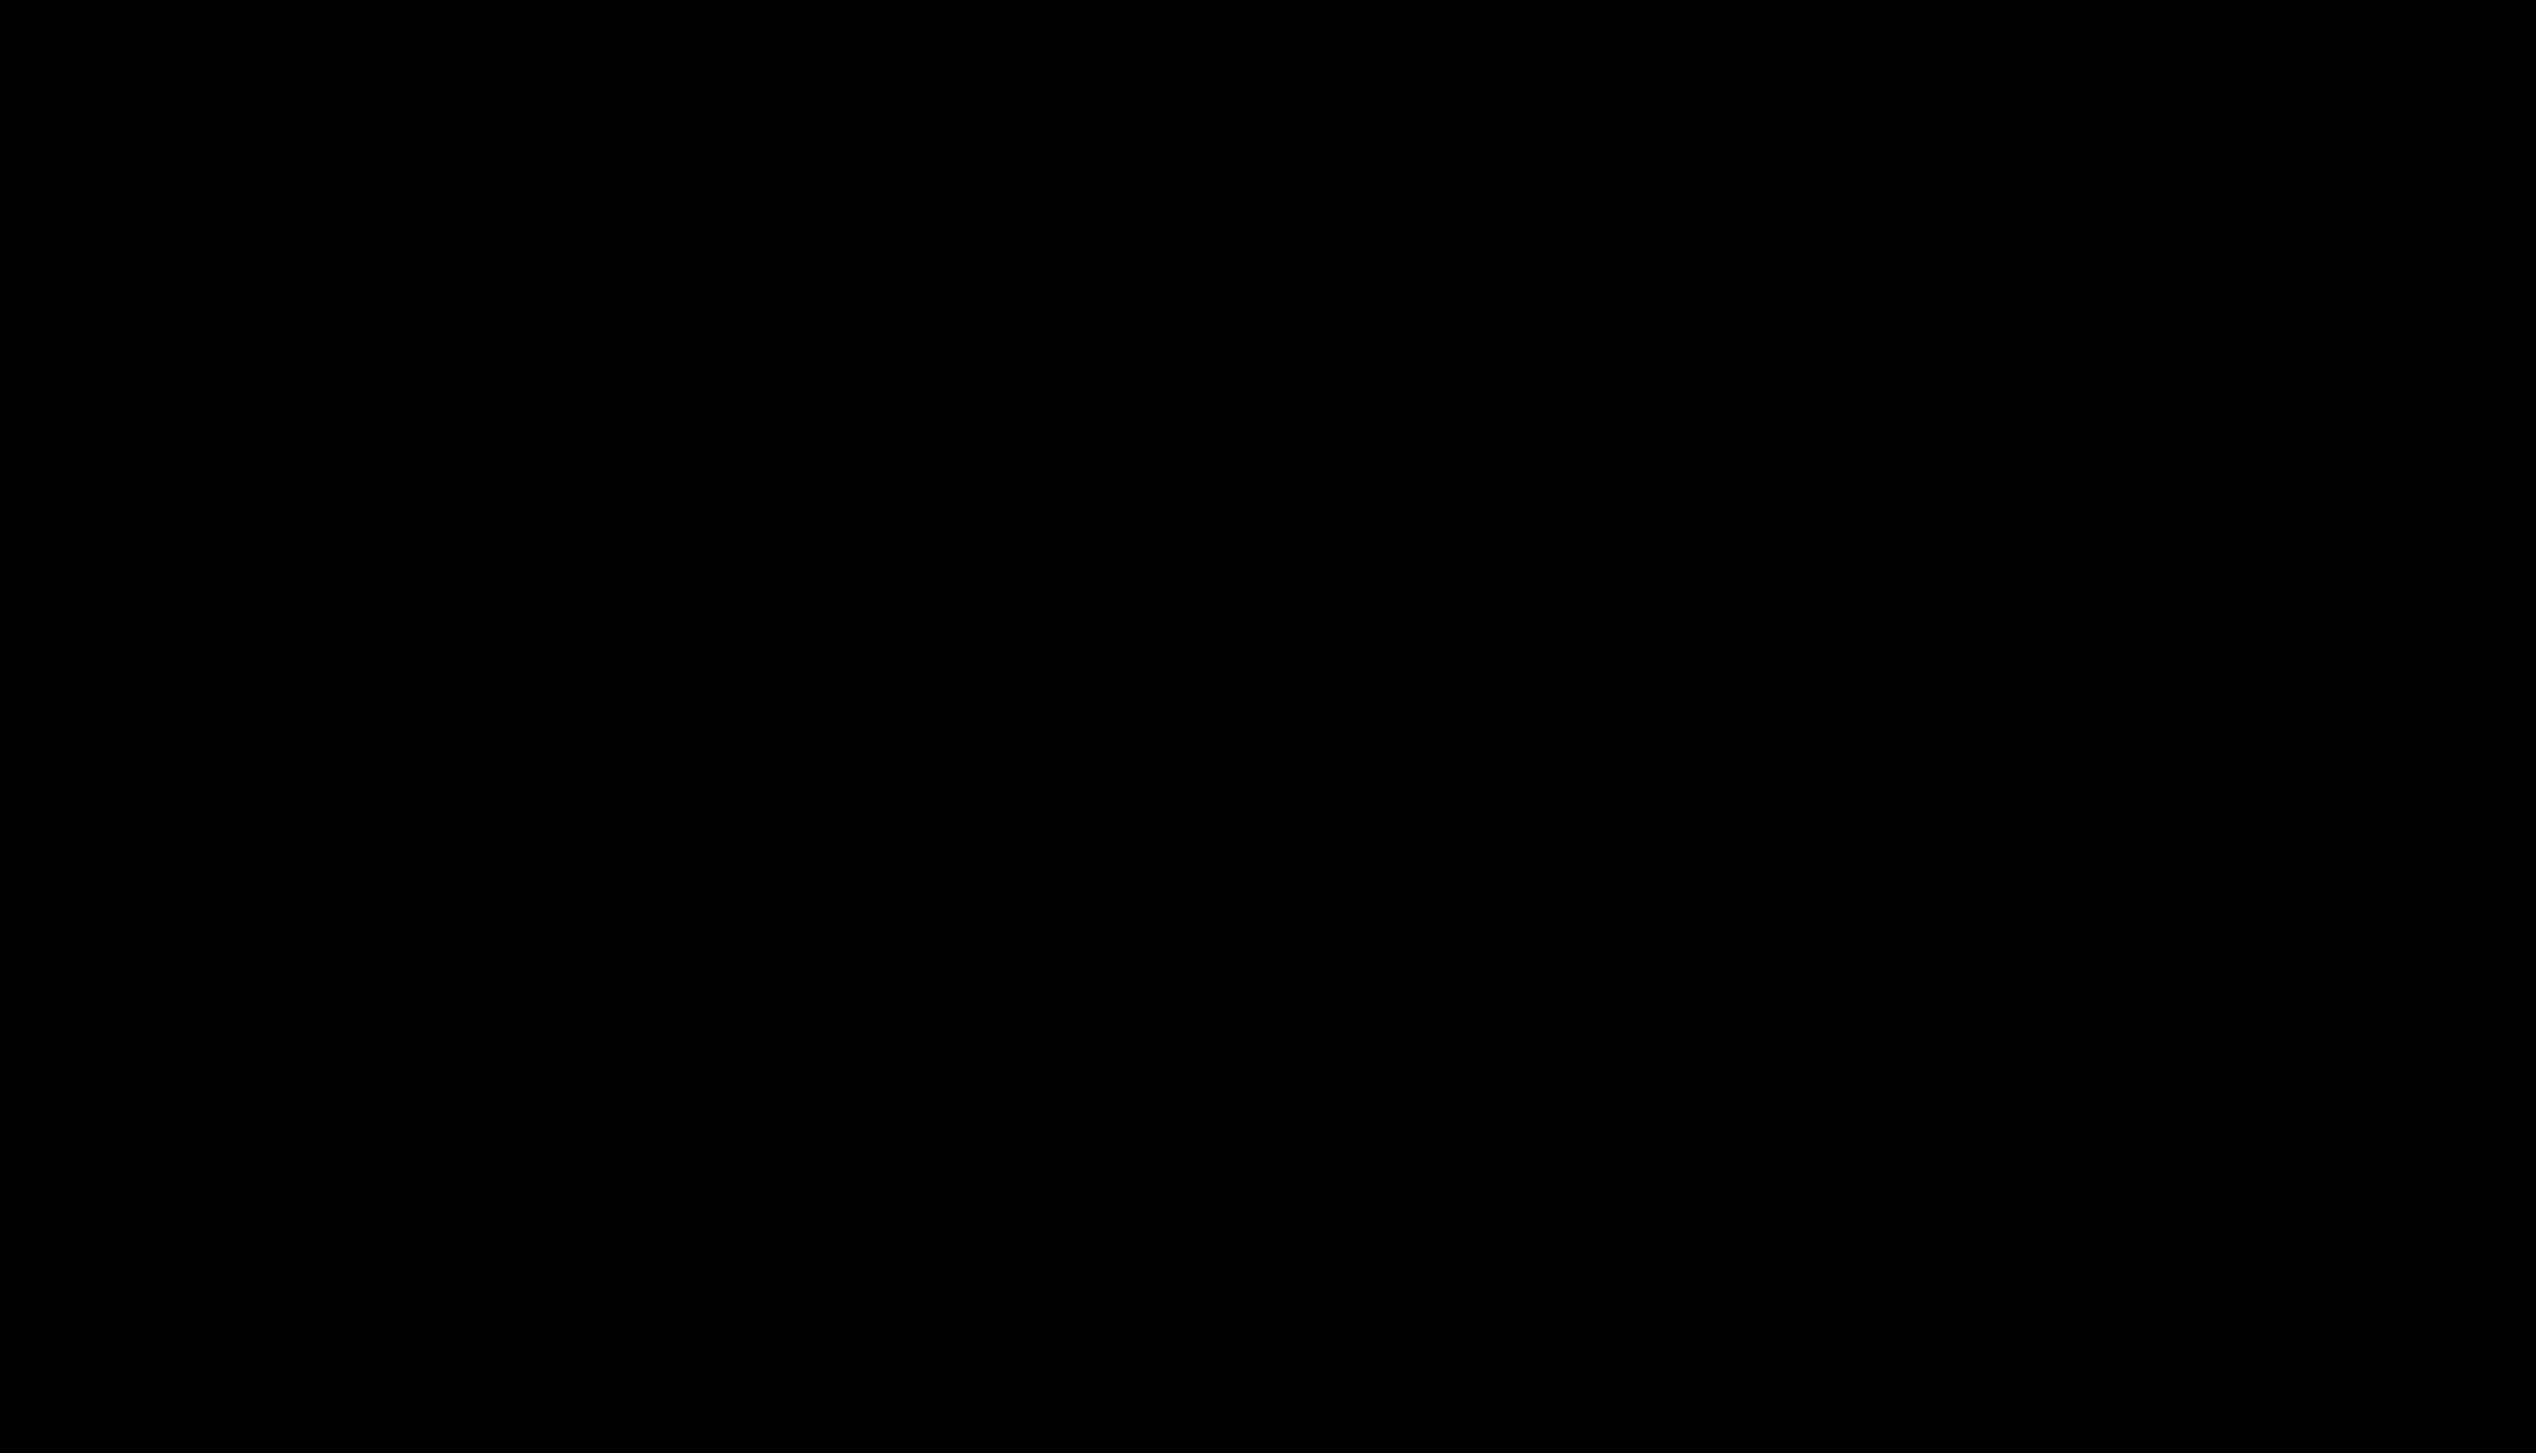 satellite-drawing-8.png